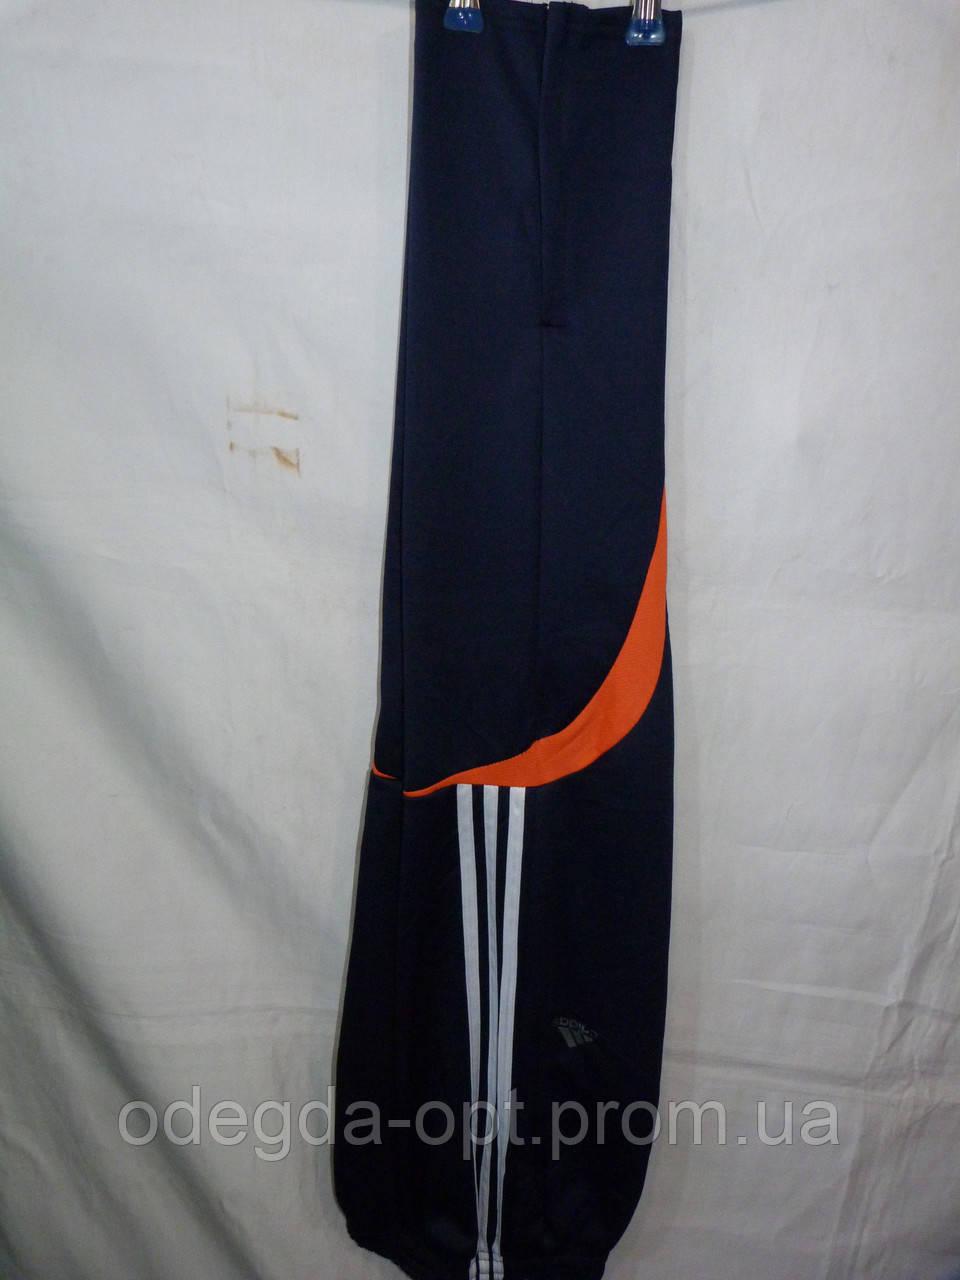 Спортивные штаны ПОДРОСТОК Adidas Ластик 38-44 оптом купить Одесса 7  километр 2eb3de88d0fa9